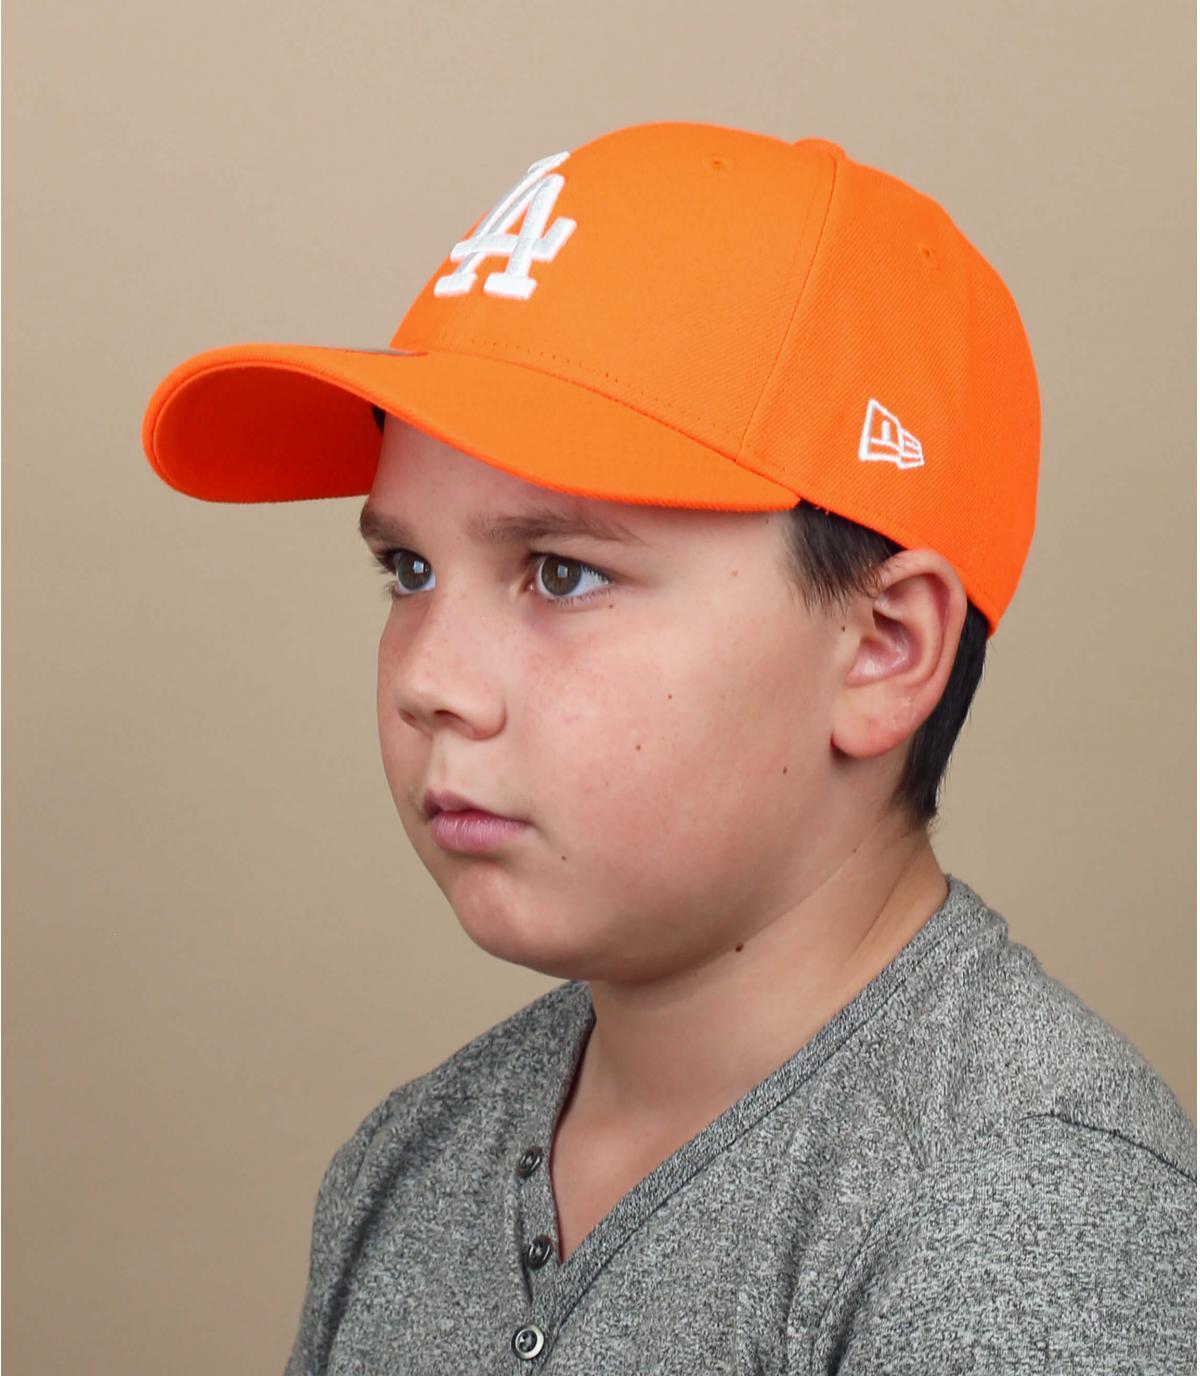 casquette enfant LA orange